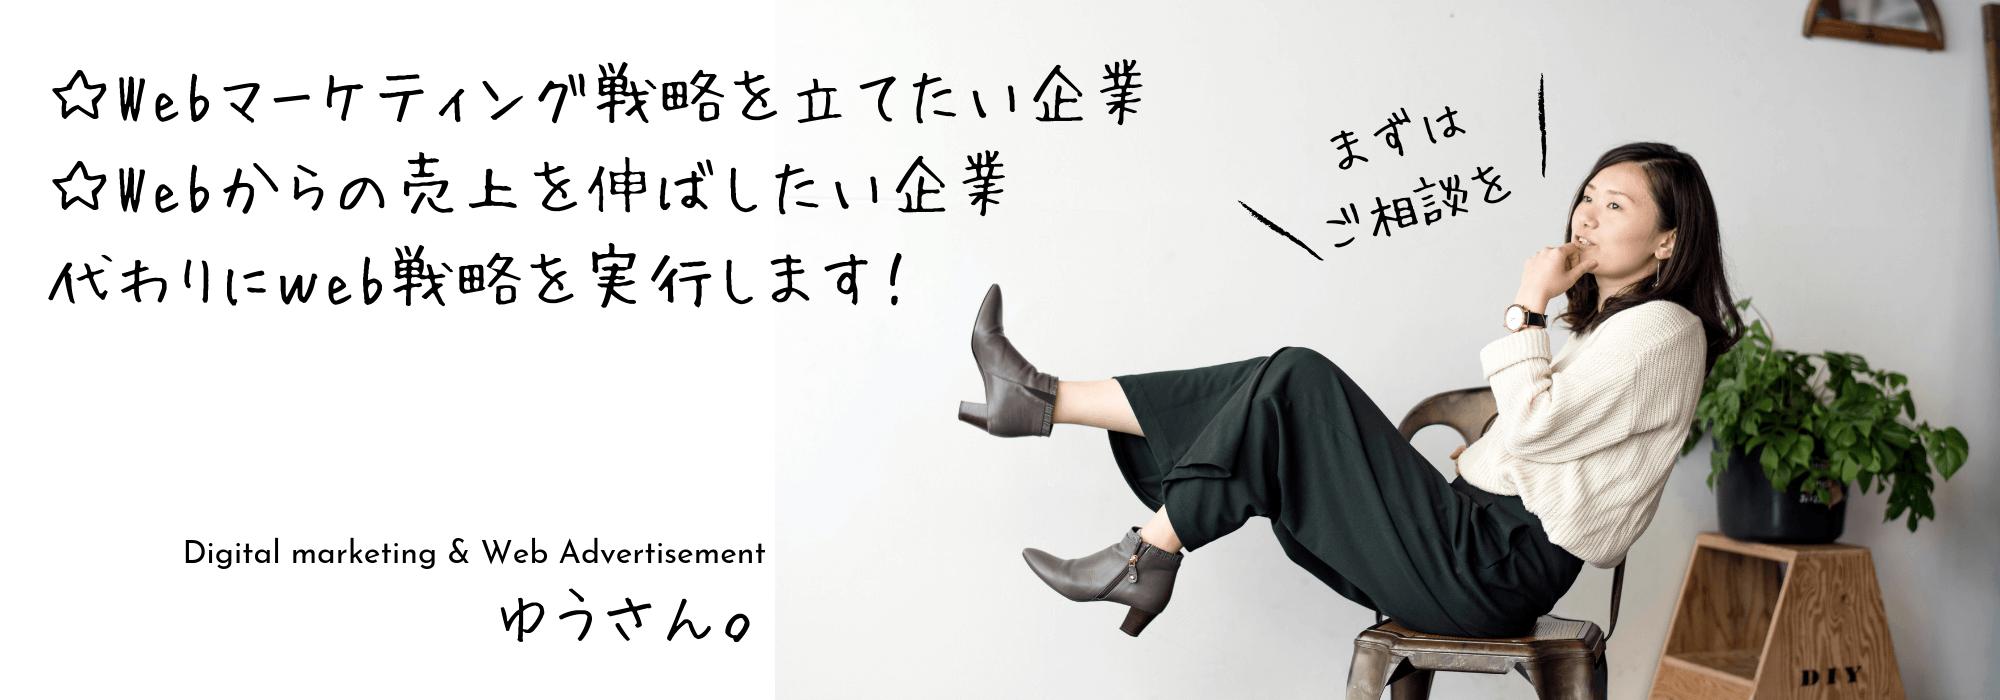 ゆうさんのWEB講座。|女性向けマーケティングの専門家 高木優の公式ブログ